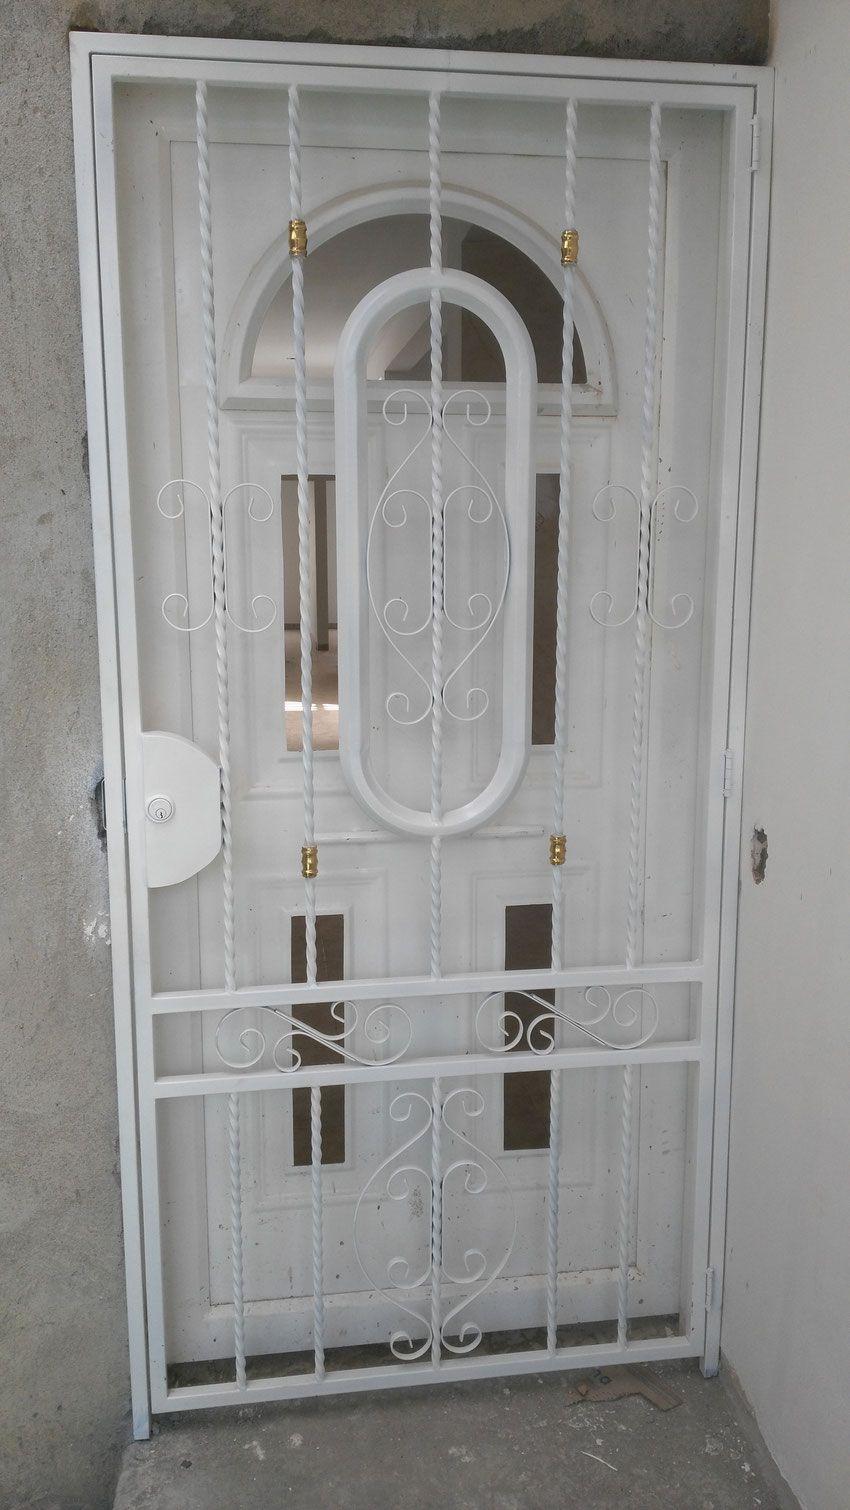 190 Ideas De Puertas De Metal Tubular Puertas De Metal Puertas Puertas De Acero